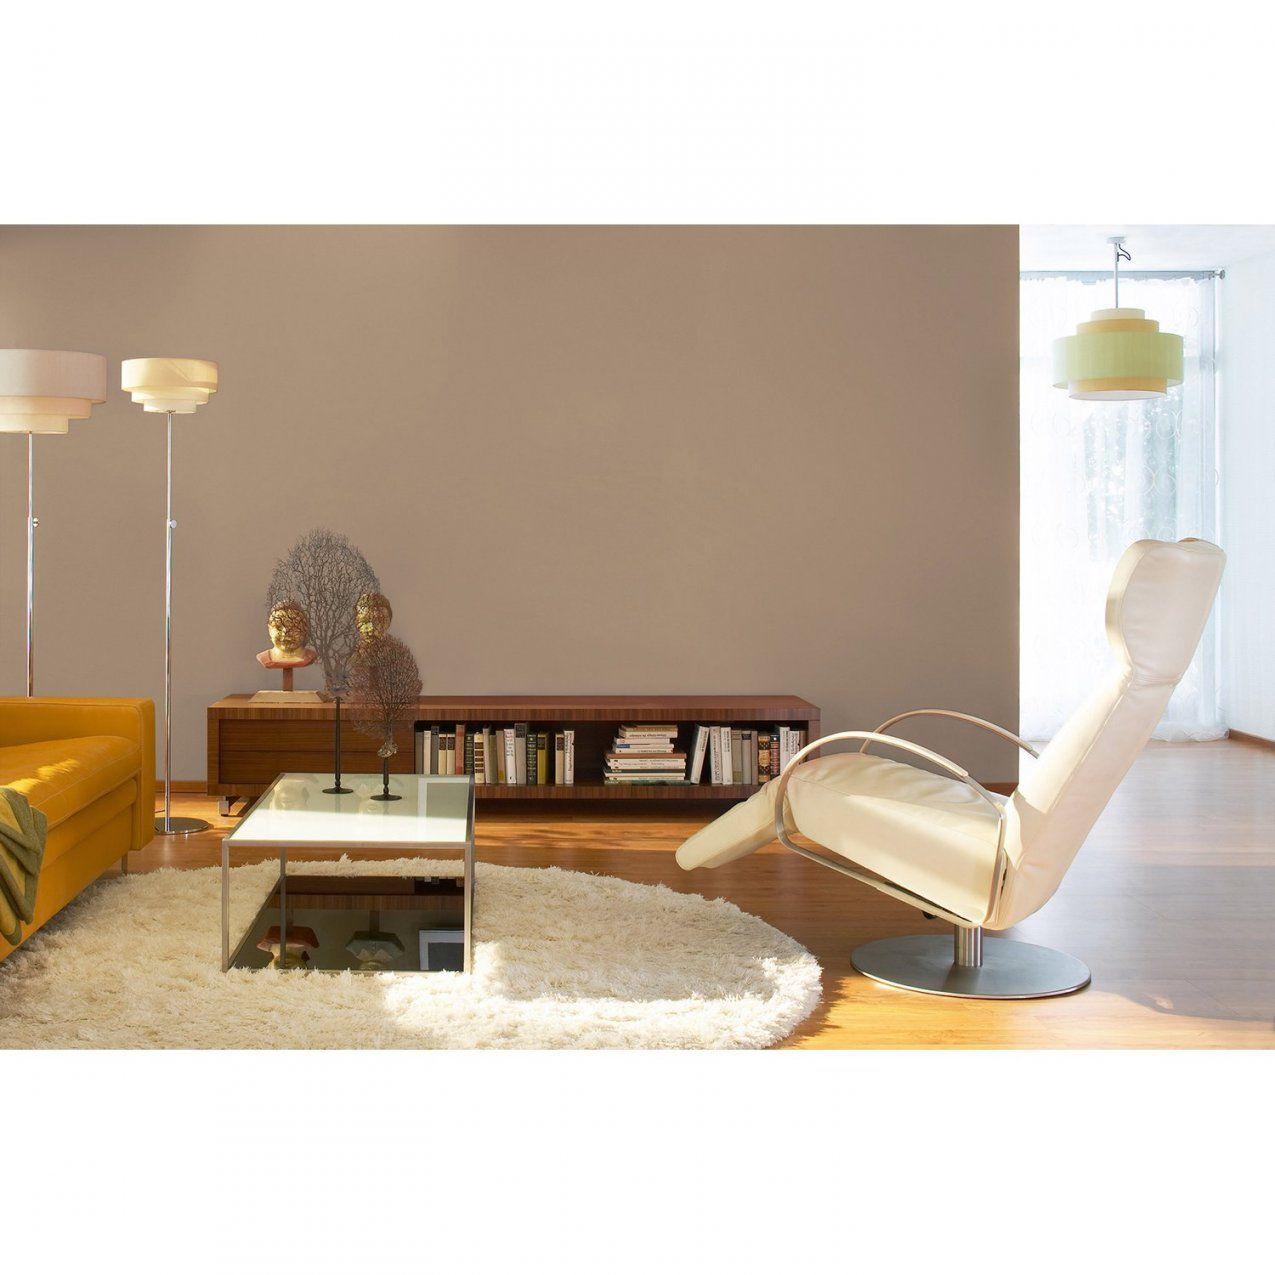 Schöner Wohnen Trendfarbe Tester Macchiato Matt 50 Ml Kaufen Bei Obi von Schöner Wohnen Trendfarbe Tester Bild